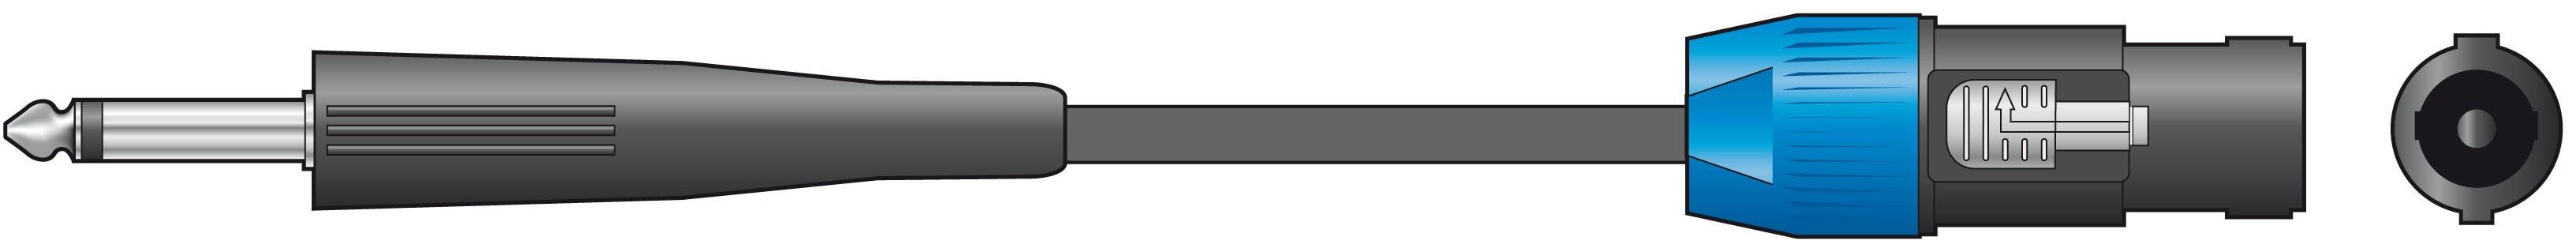 Chord Speaker Lead Speakon - Jack Cable 3M